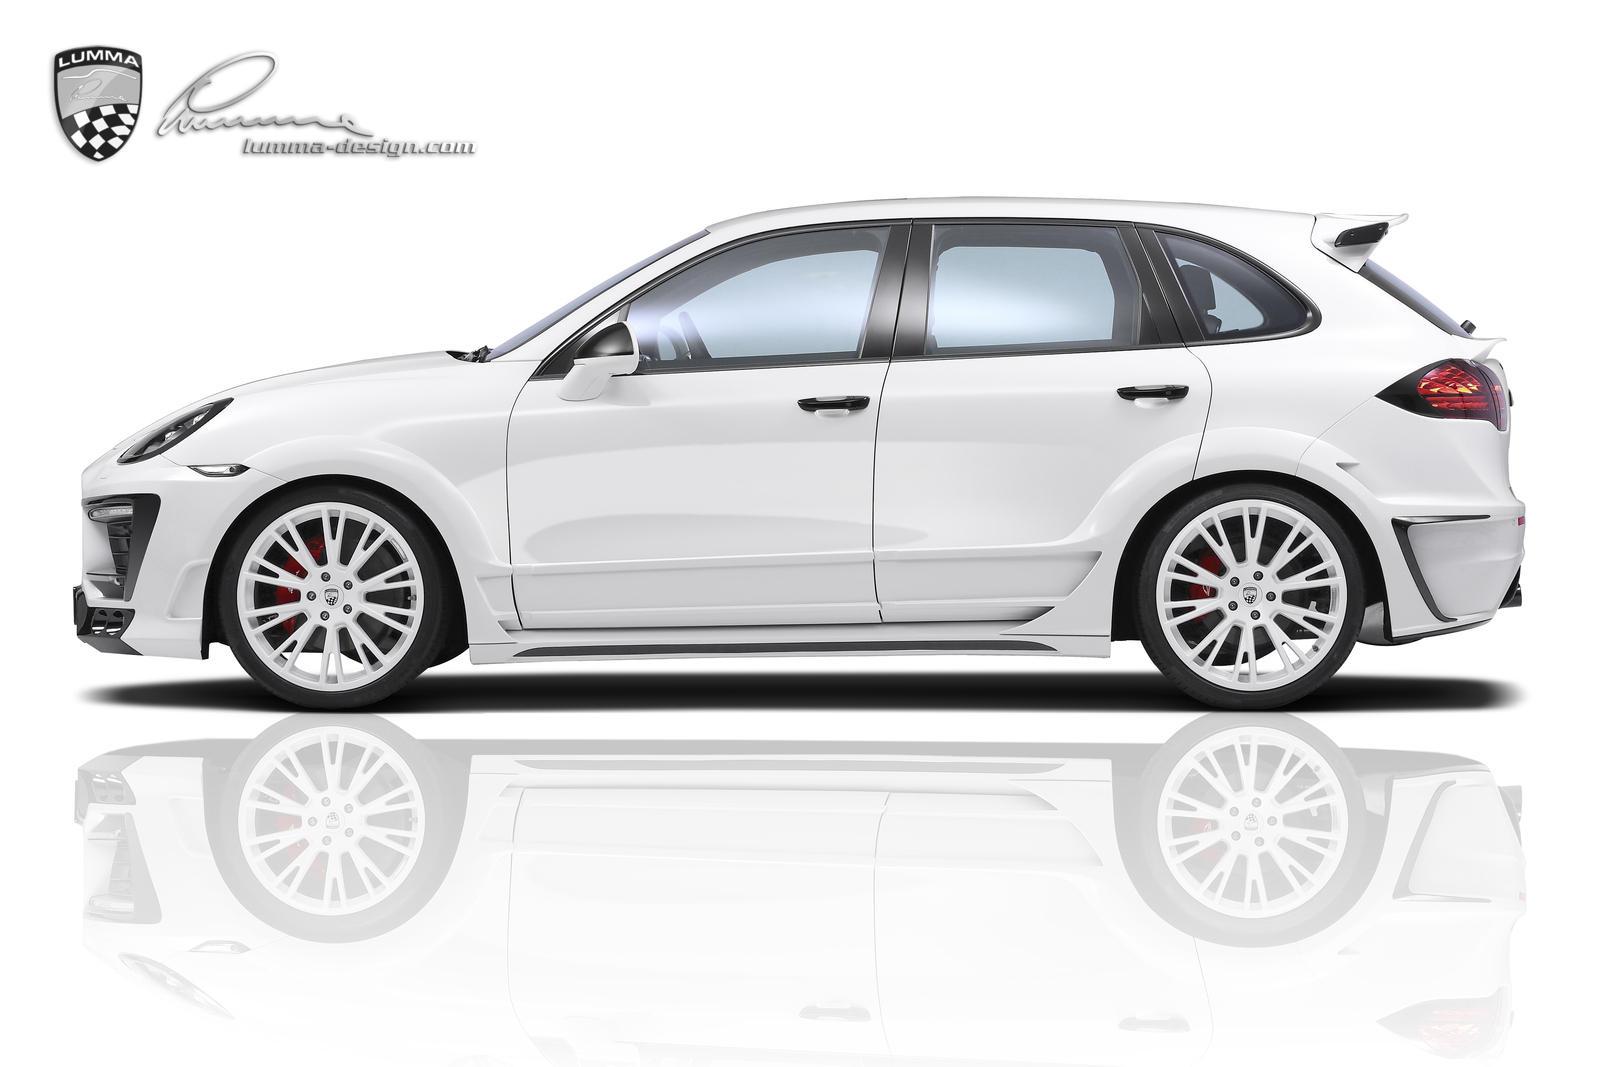 http://www.automobilesreview.com/img/lumma-design-porsche-cayenne-s-clr-558-gt/lumma-design-porsche-cayenne-s-clr-558-gt-03.jpg